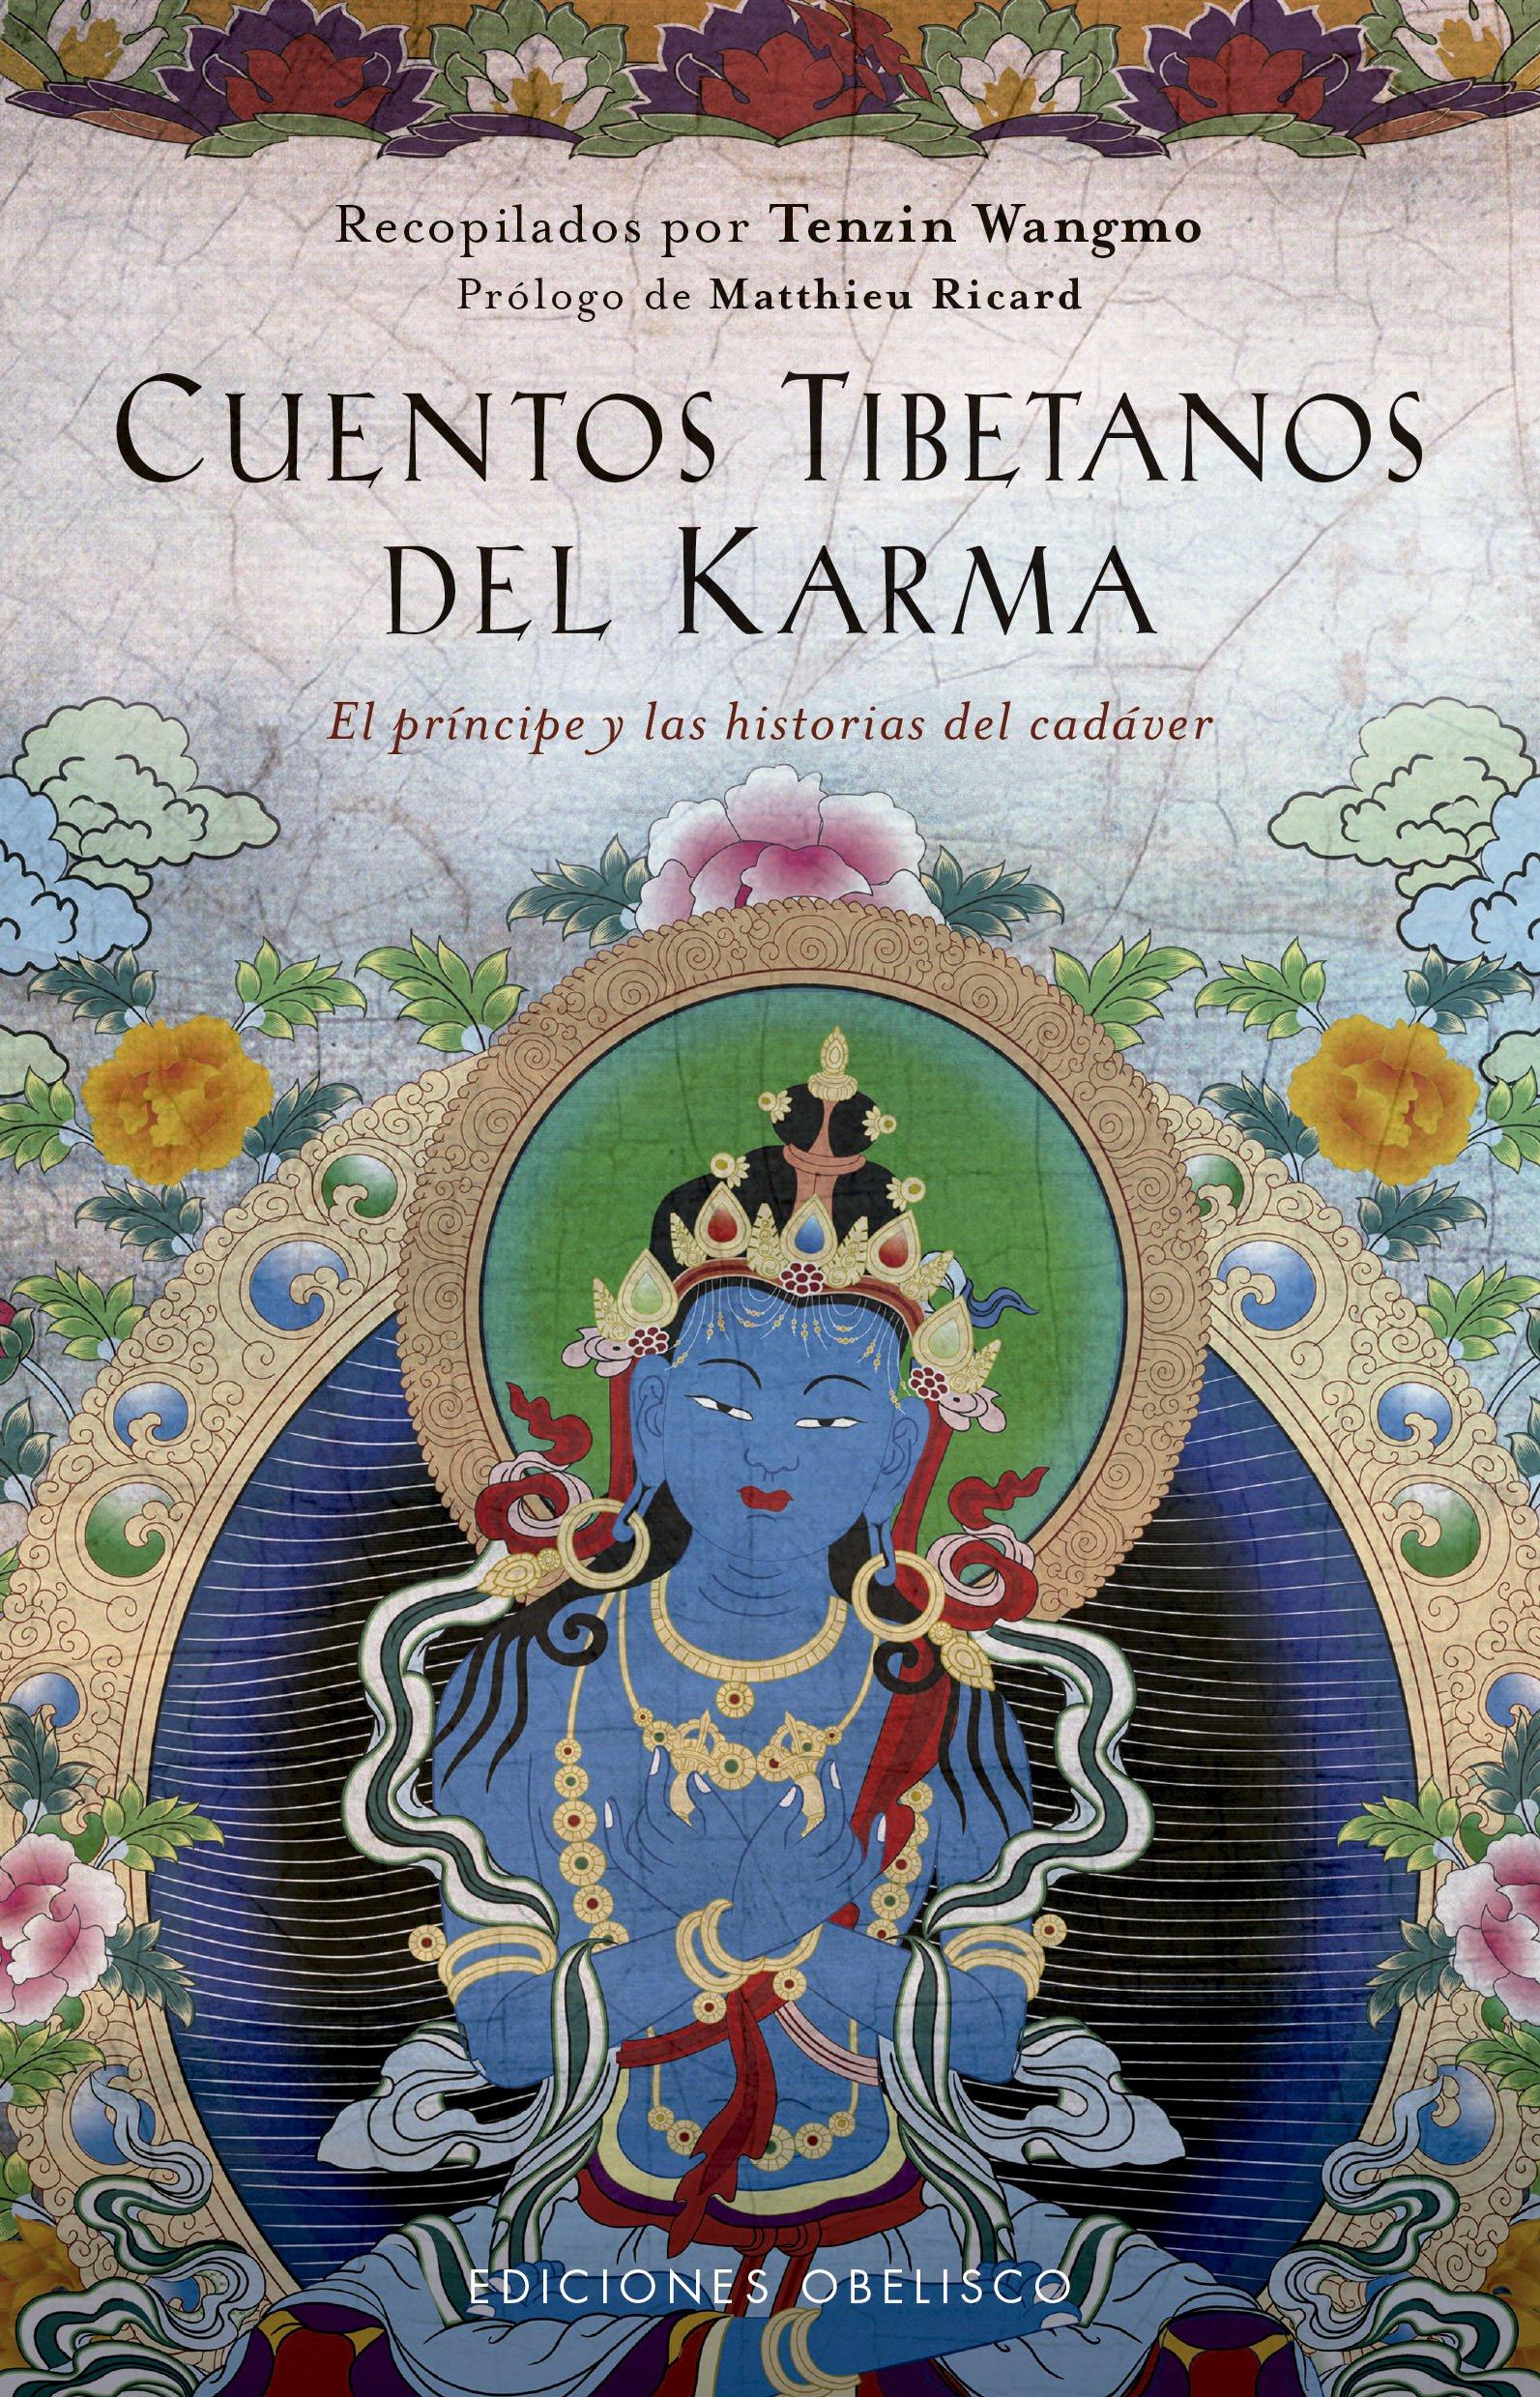 Cuentos tibetanos del karma (ESPIRITUALIDAD Y VIDA INTERIOR) Tapa dura – 10 abr 2018 Tenzin Wangmo OBELS|#Obelisco 8491113274 Buddhism